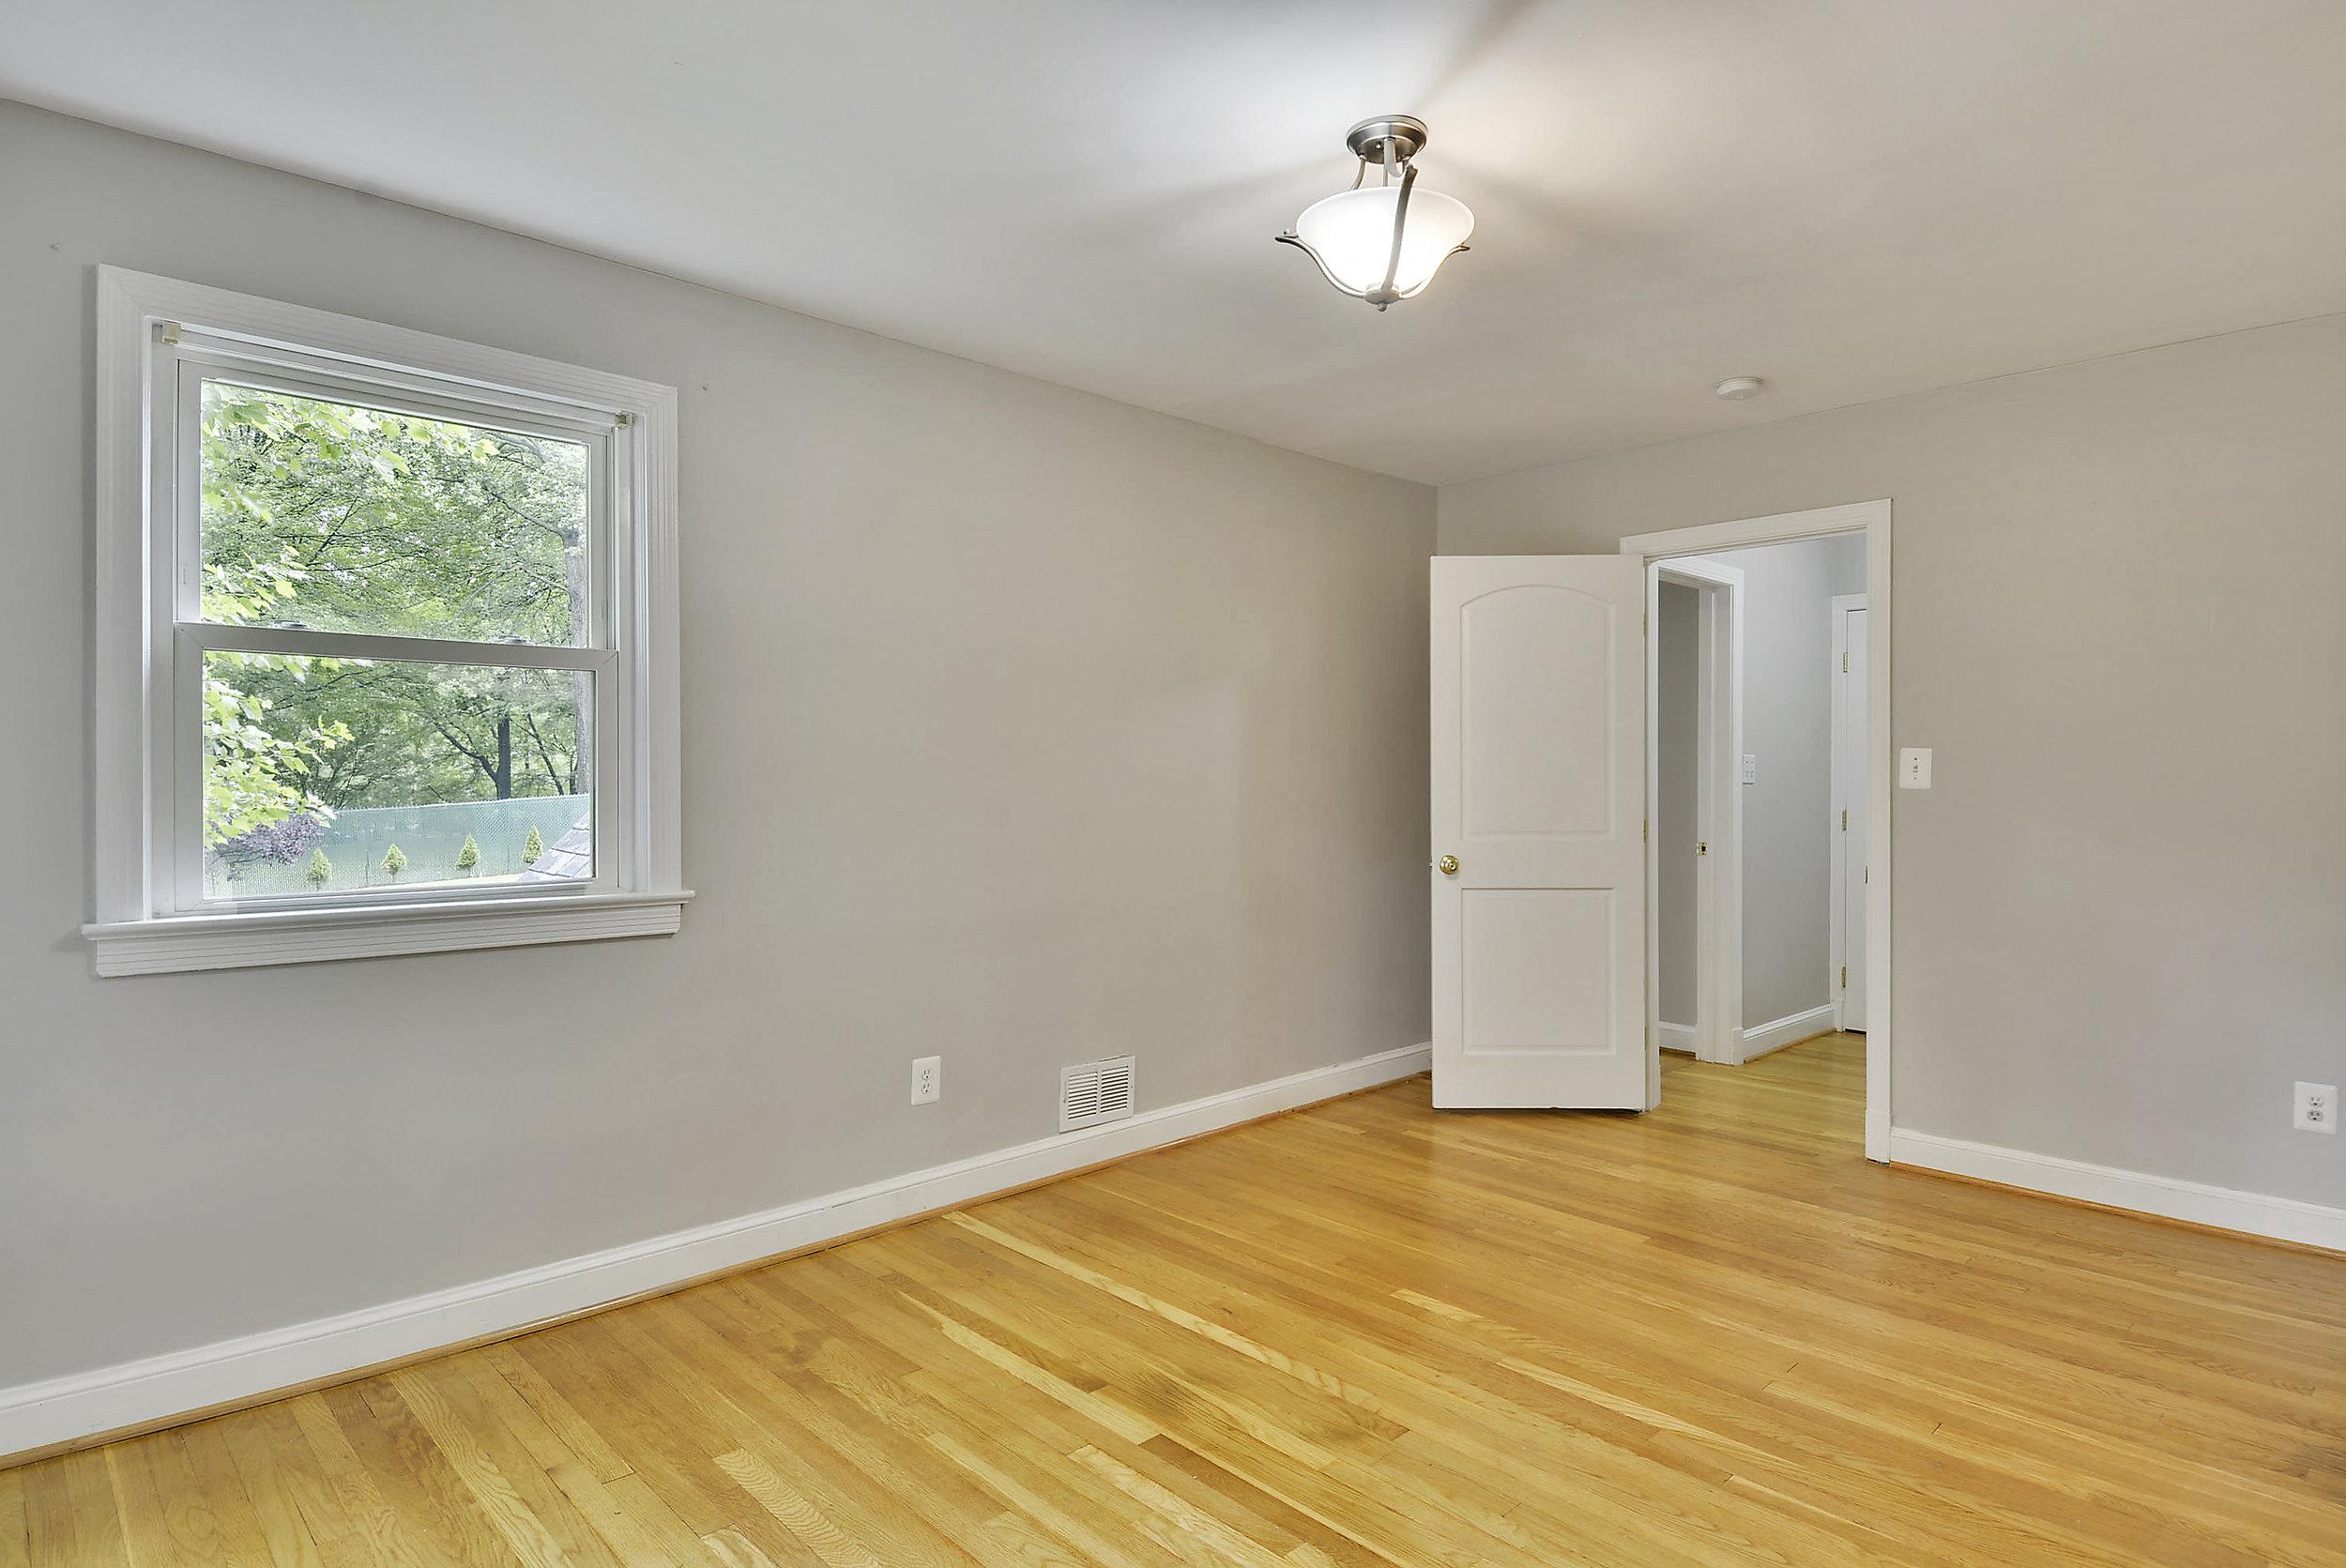 Upper Level-Bedroom-_DSC5914.JPG